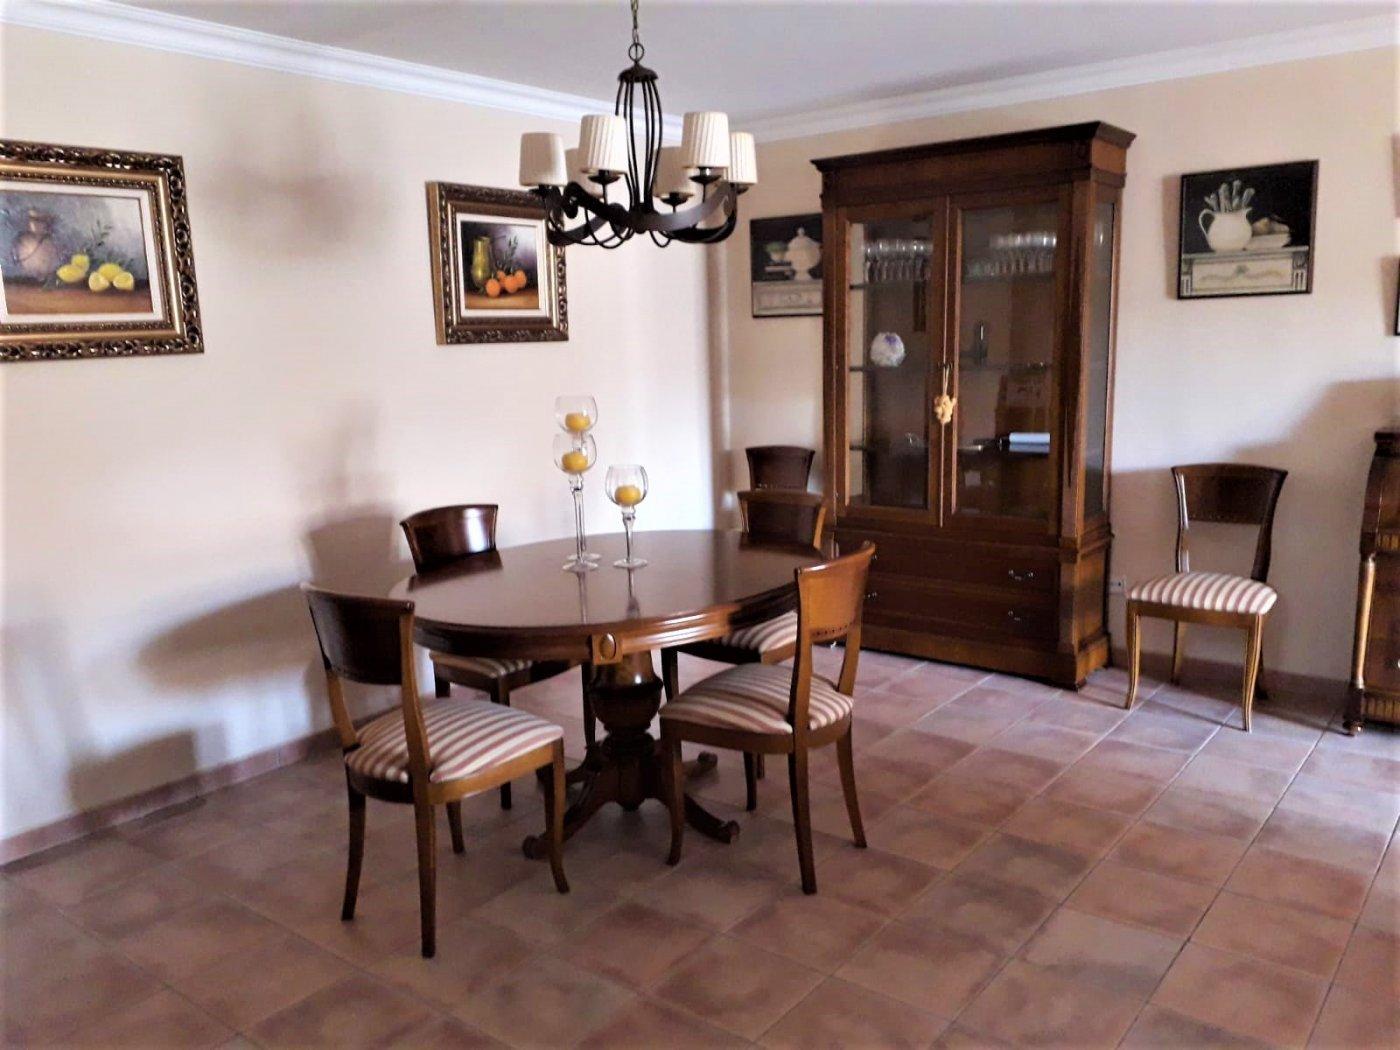 Casa  Marratxí ,ses cases noves. Chalet pareado en ses cases noves, con piscina y amplios espacio